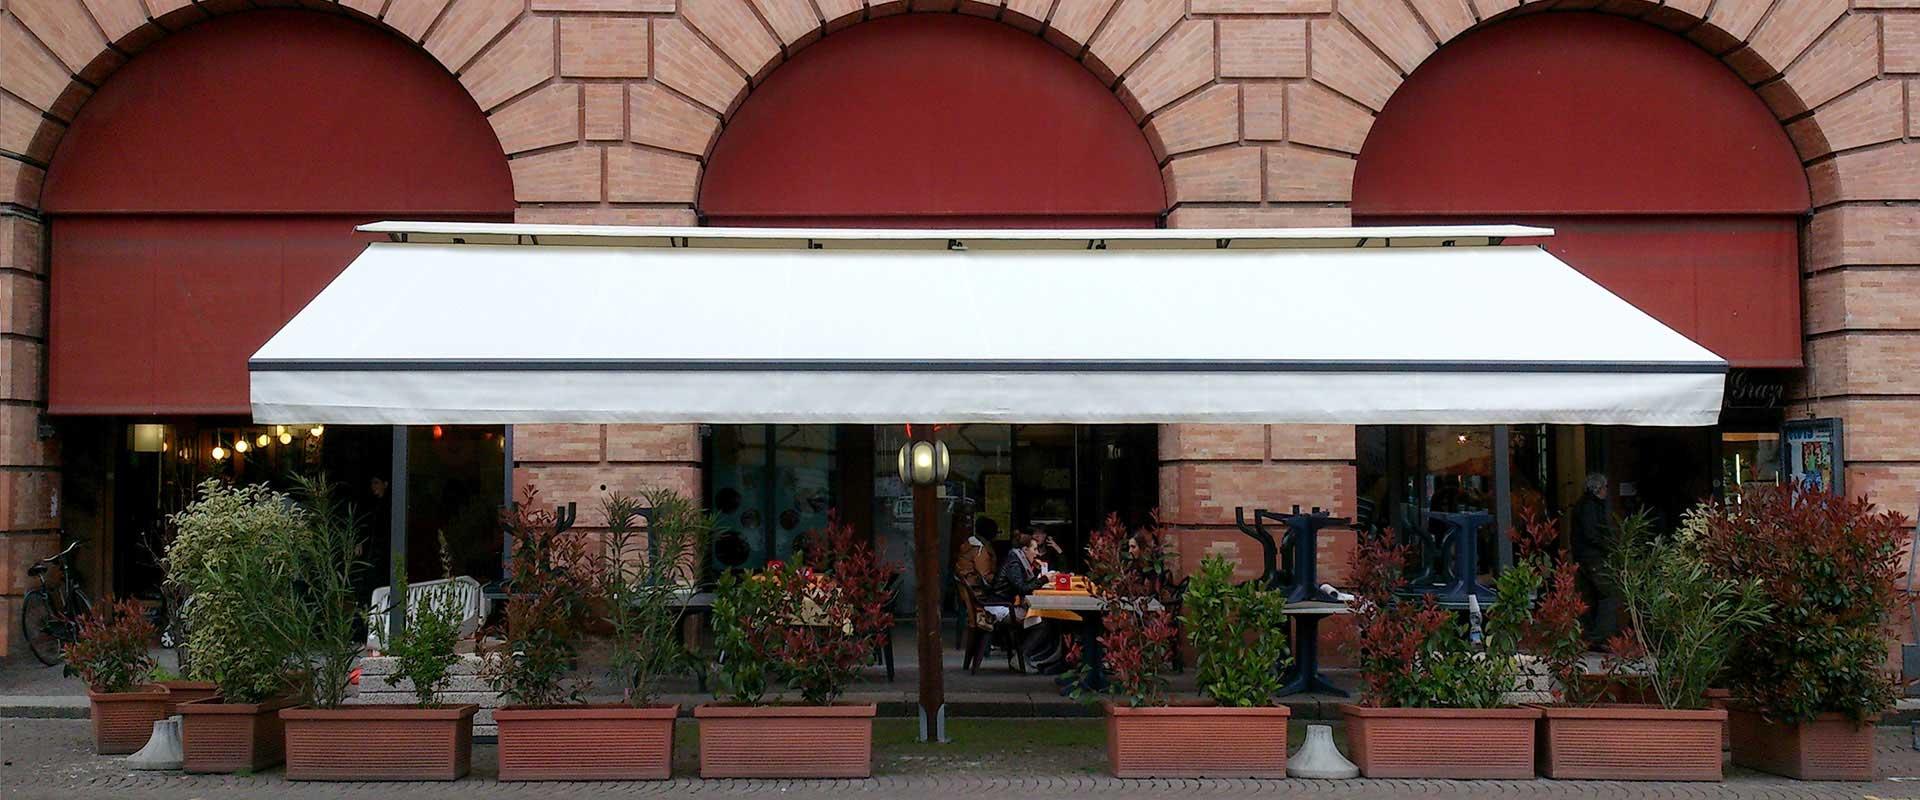 tendaggio ristorante